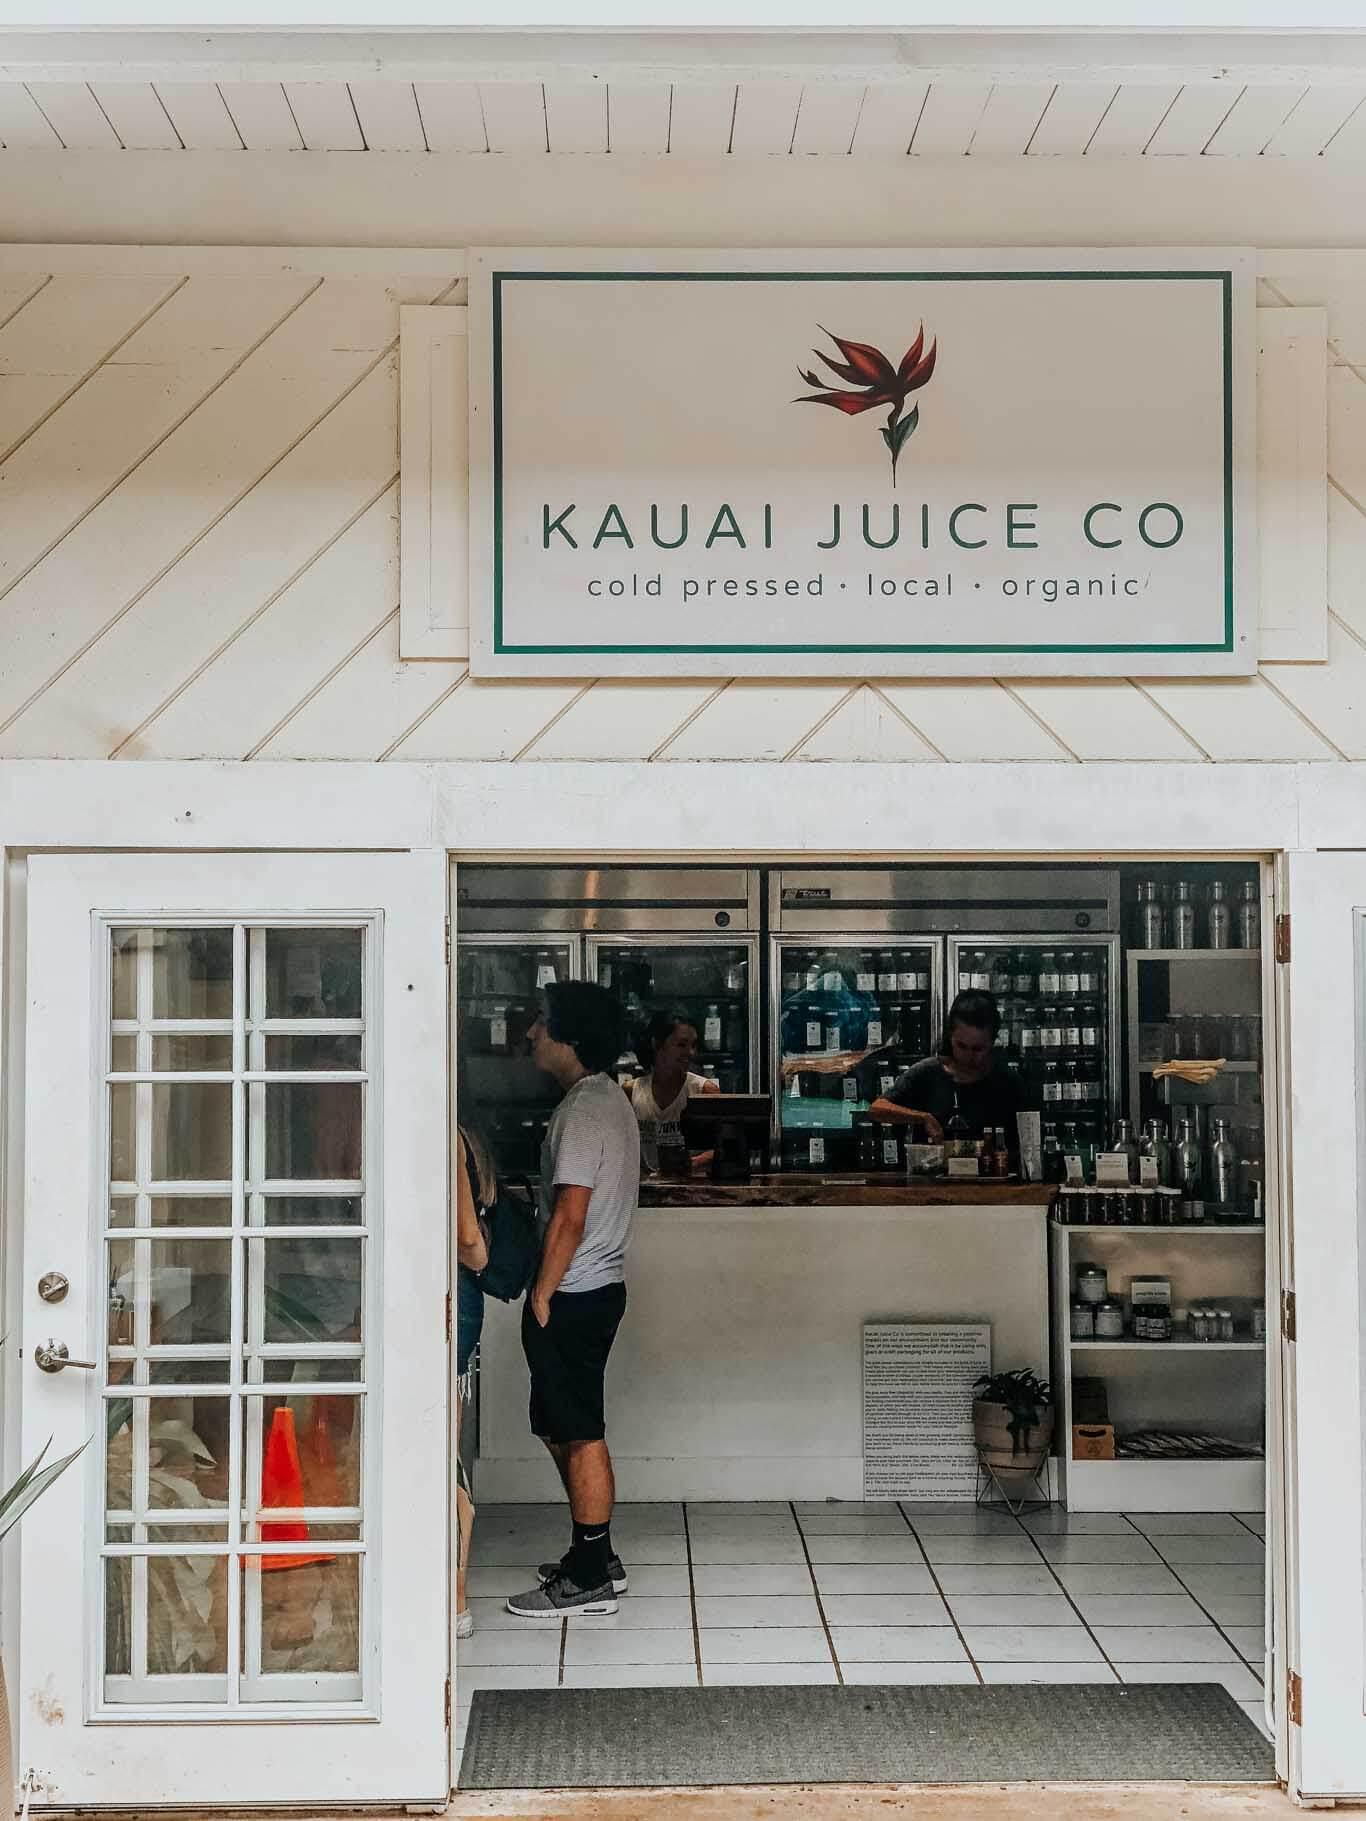 Kauai Juice Co in Poipou.